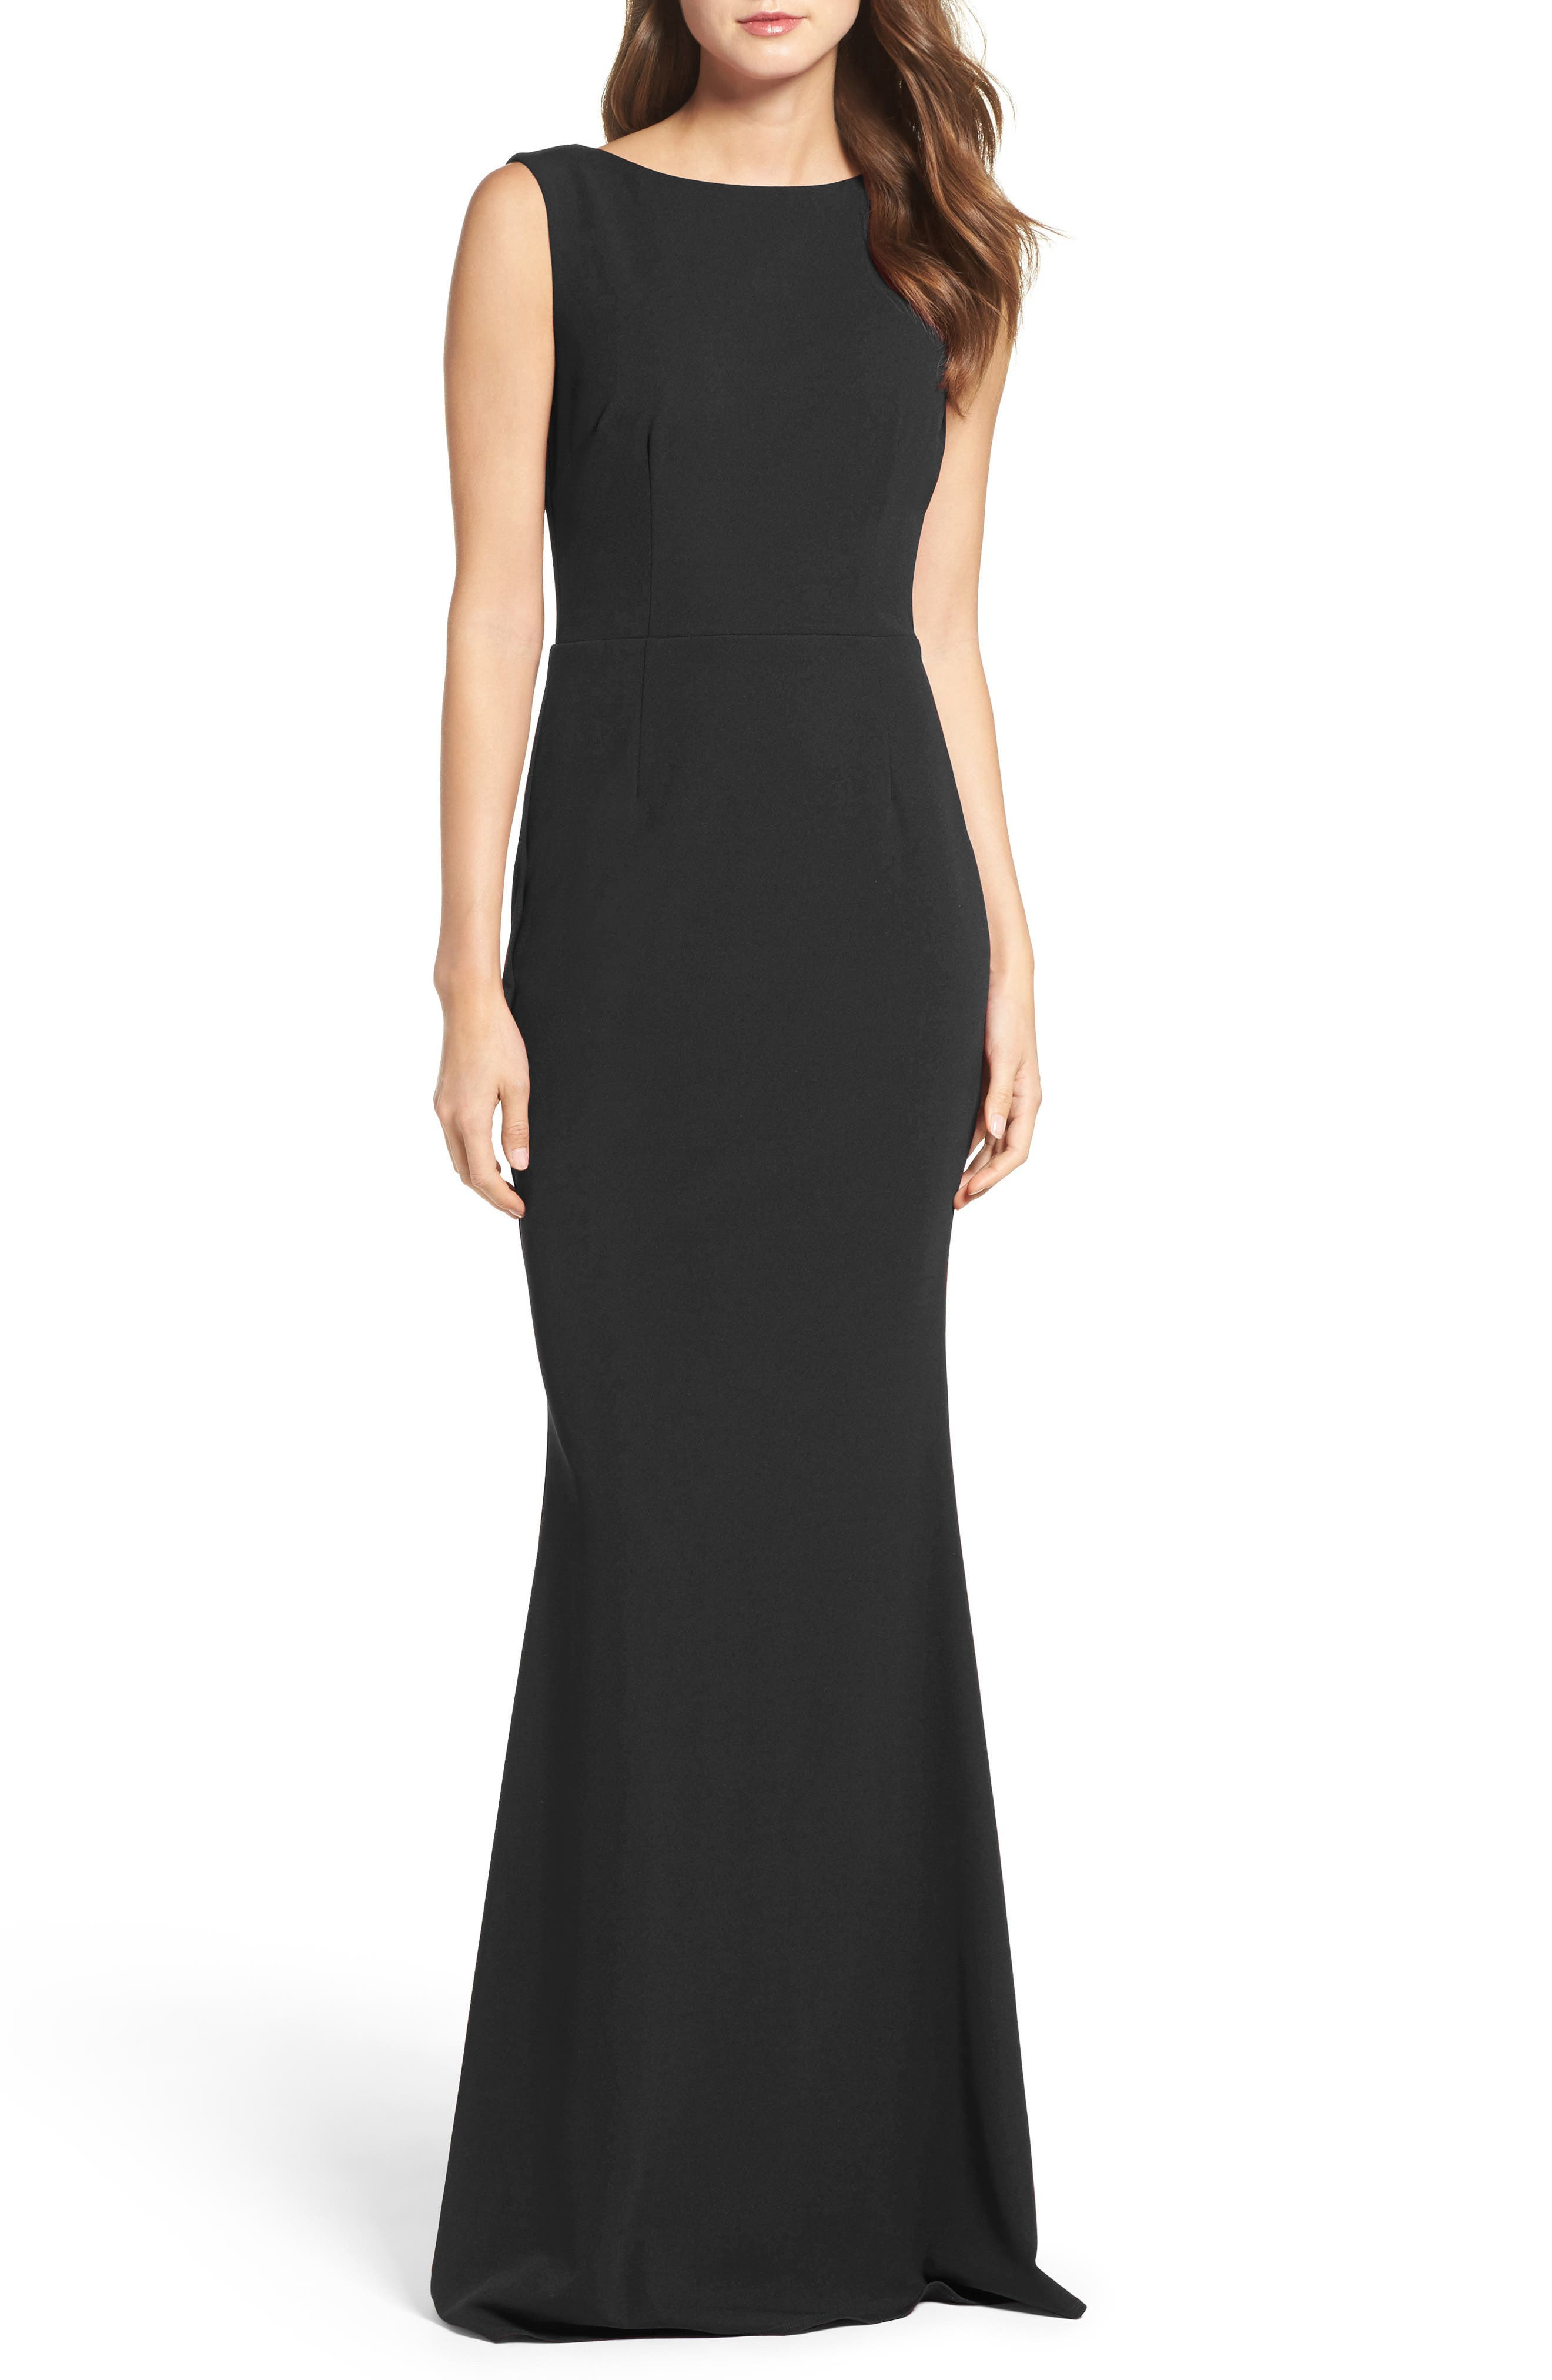 KATIE MAY, Vionnet Drape Back Crepe Gown, Main thumbnail 1, color, BLACK